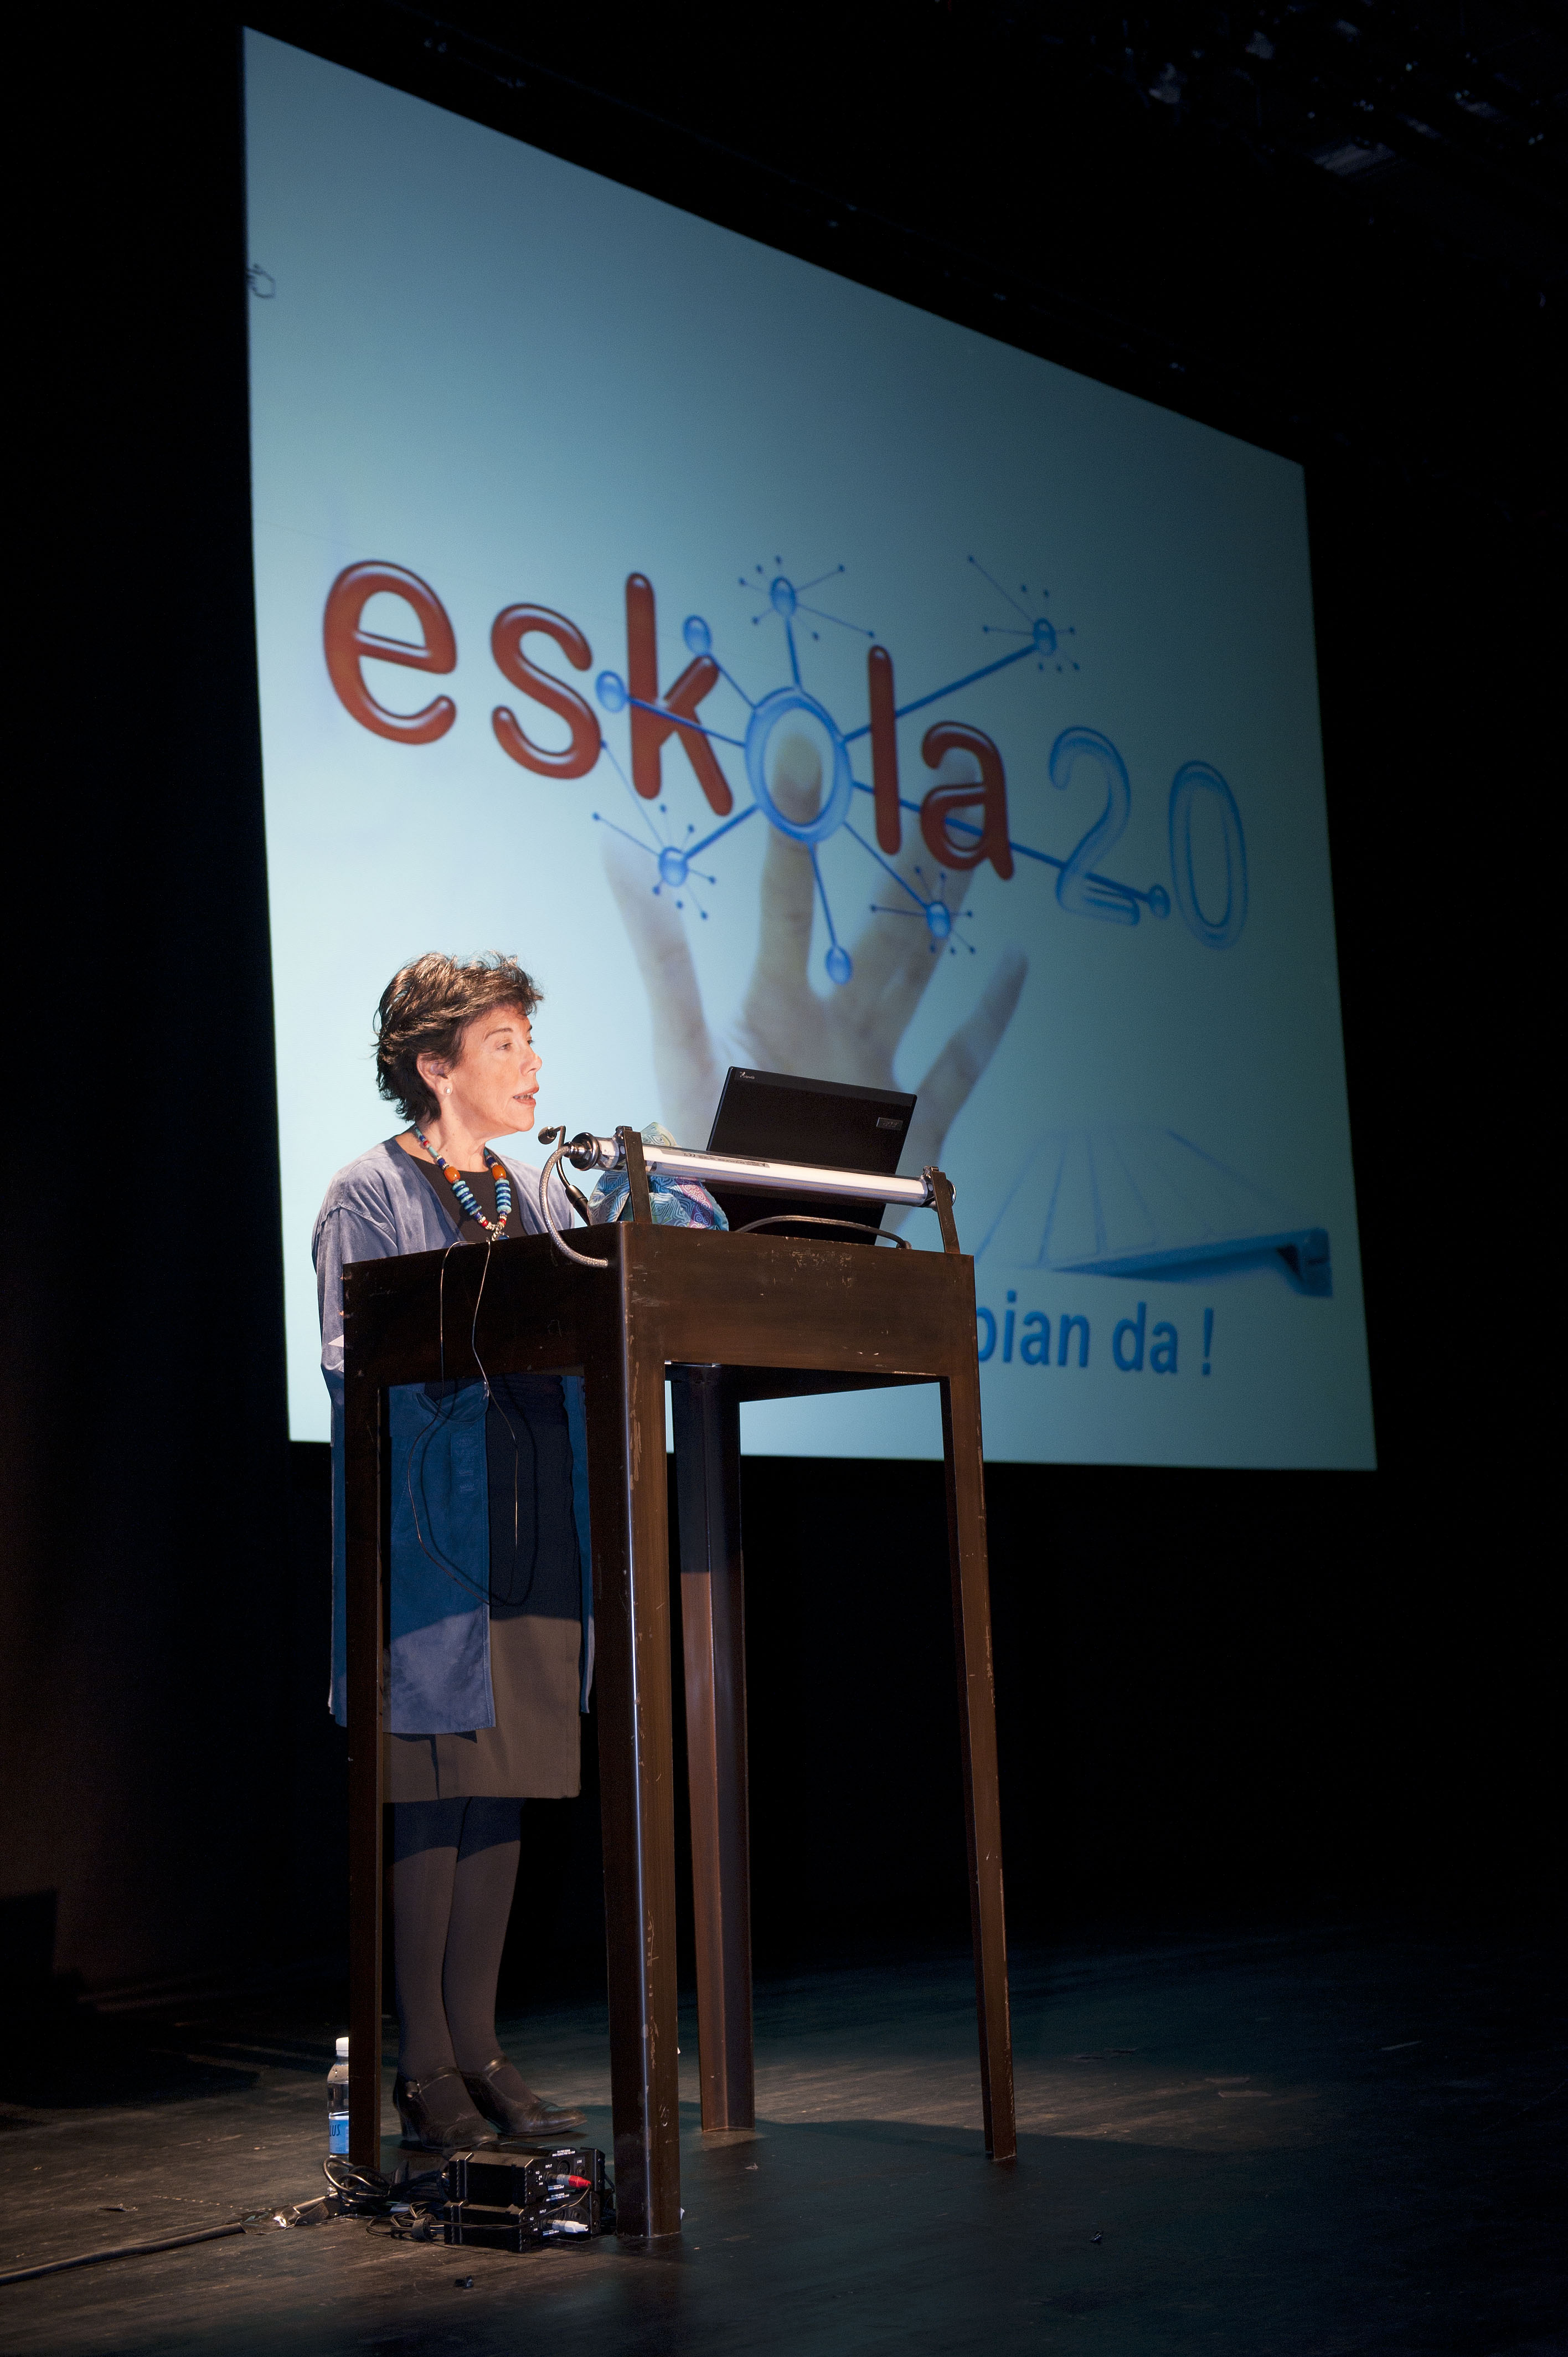 2011_11_30_educacion_eskola_cela_hablando.jpg